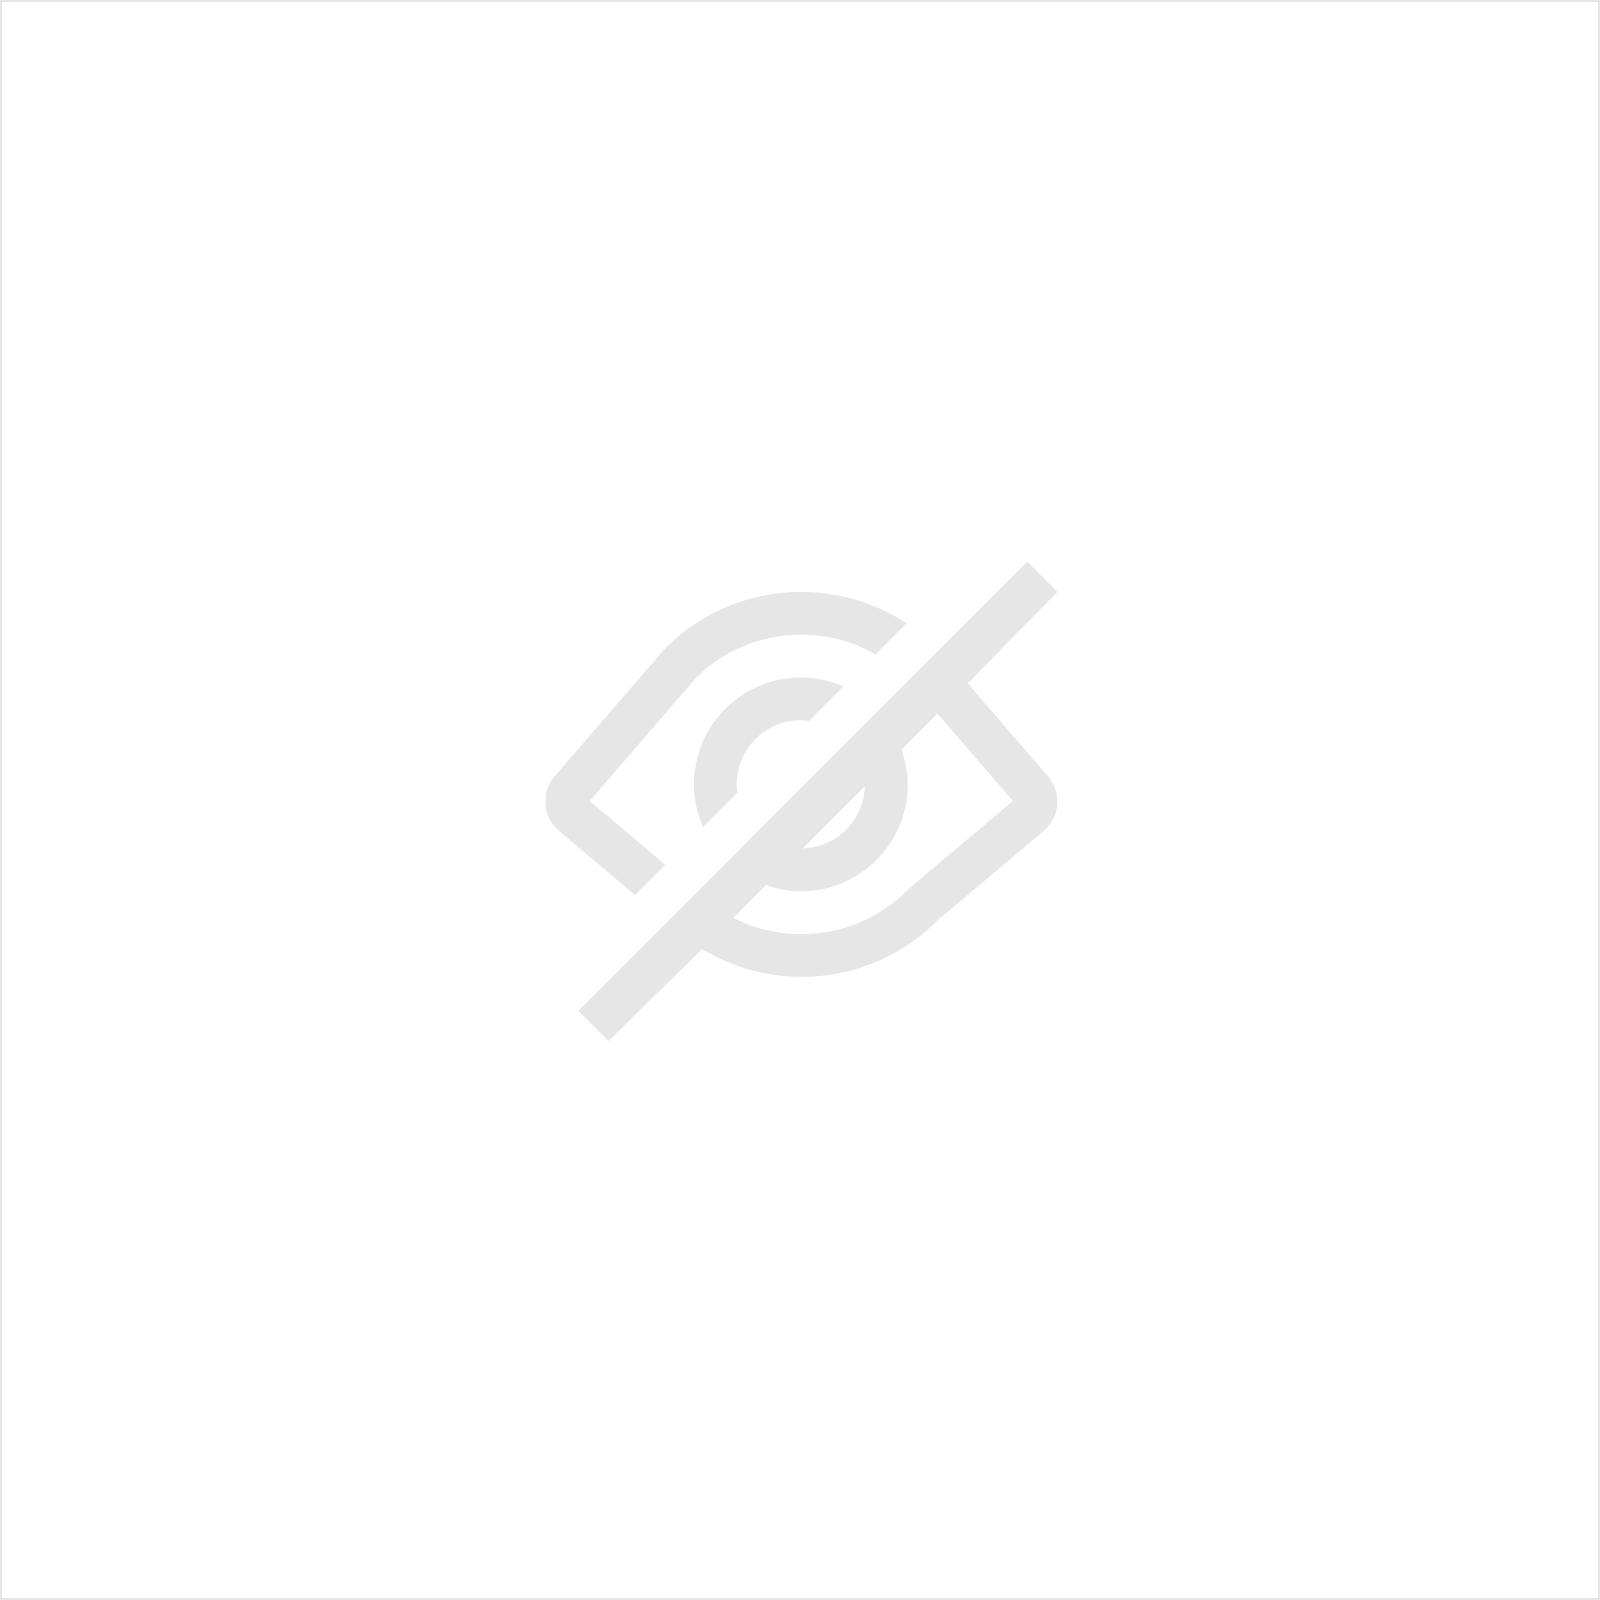 OPTIONEEL ROLPAAR VOOR BOORD EN LIJSTMACHINE 30 MM